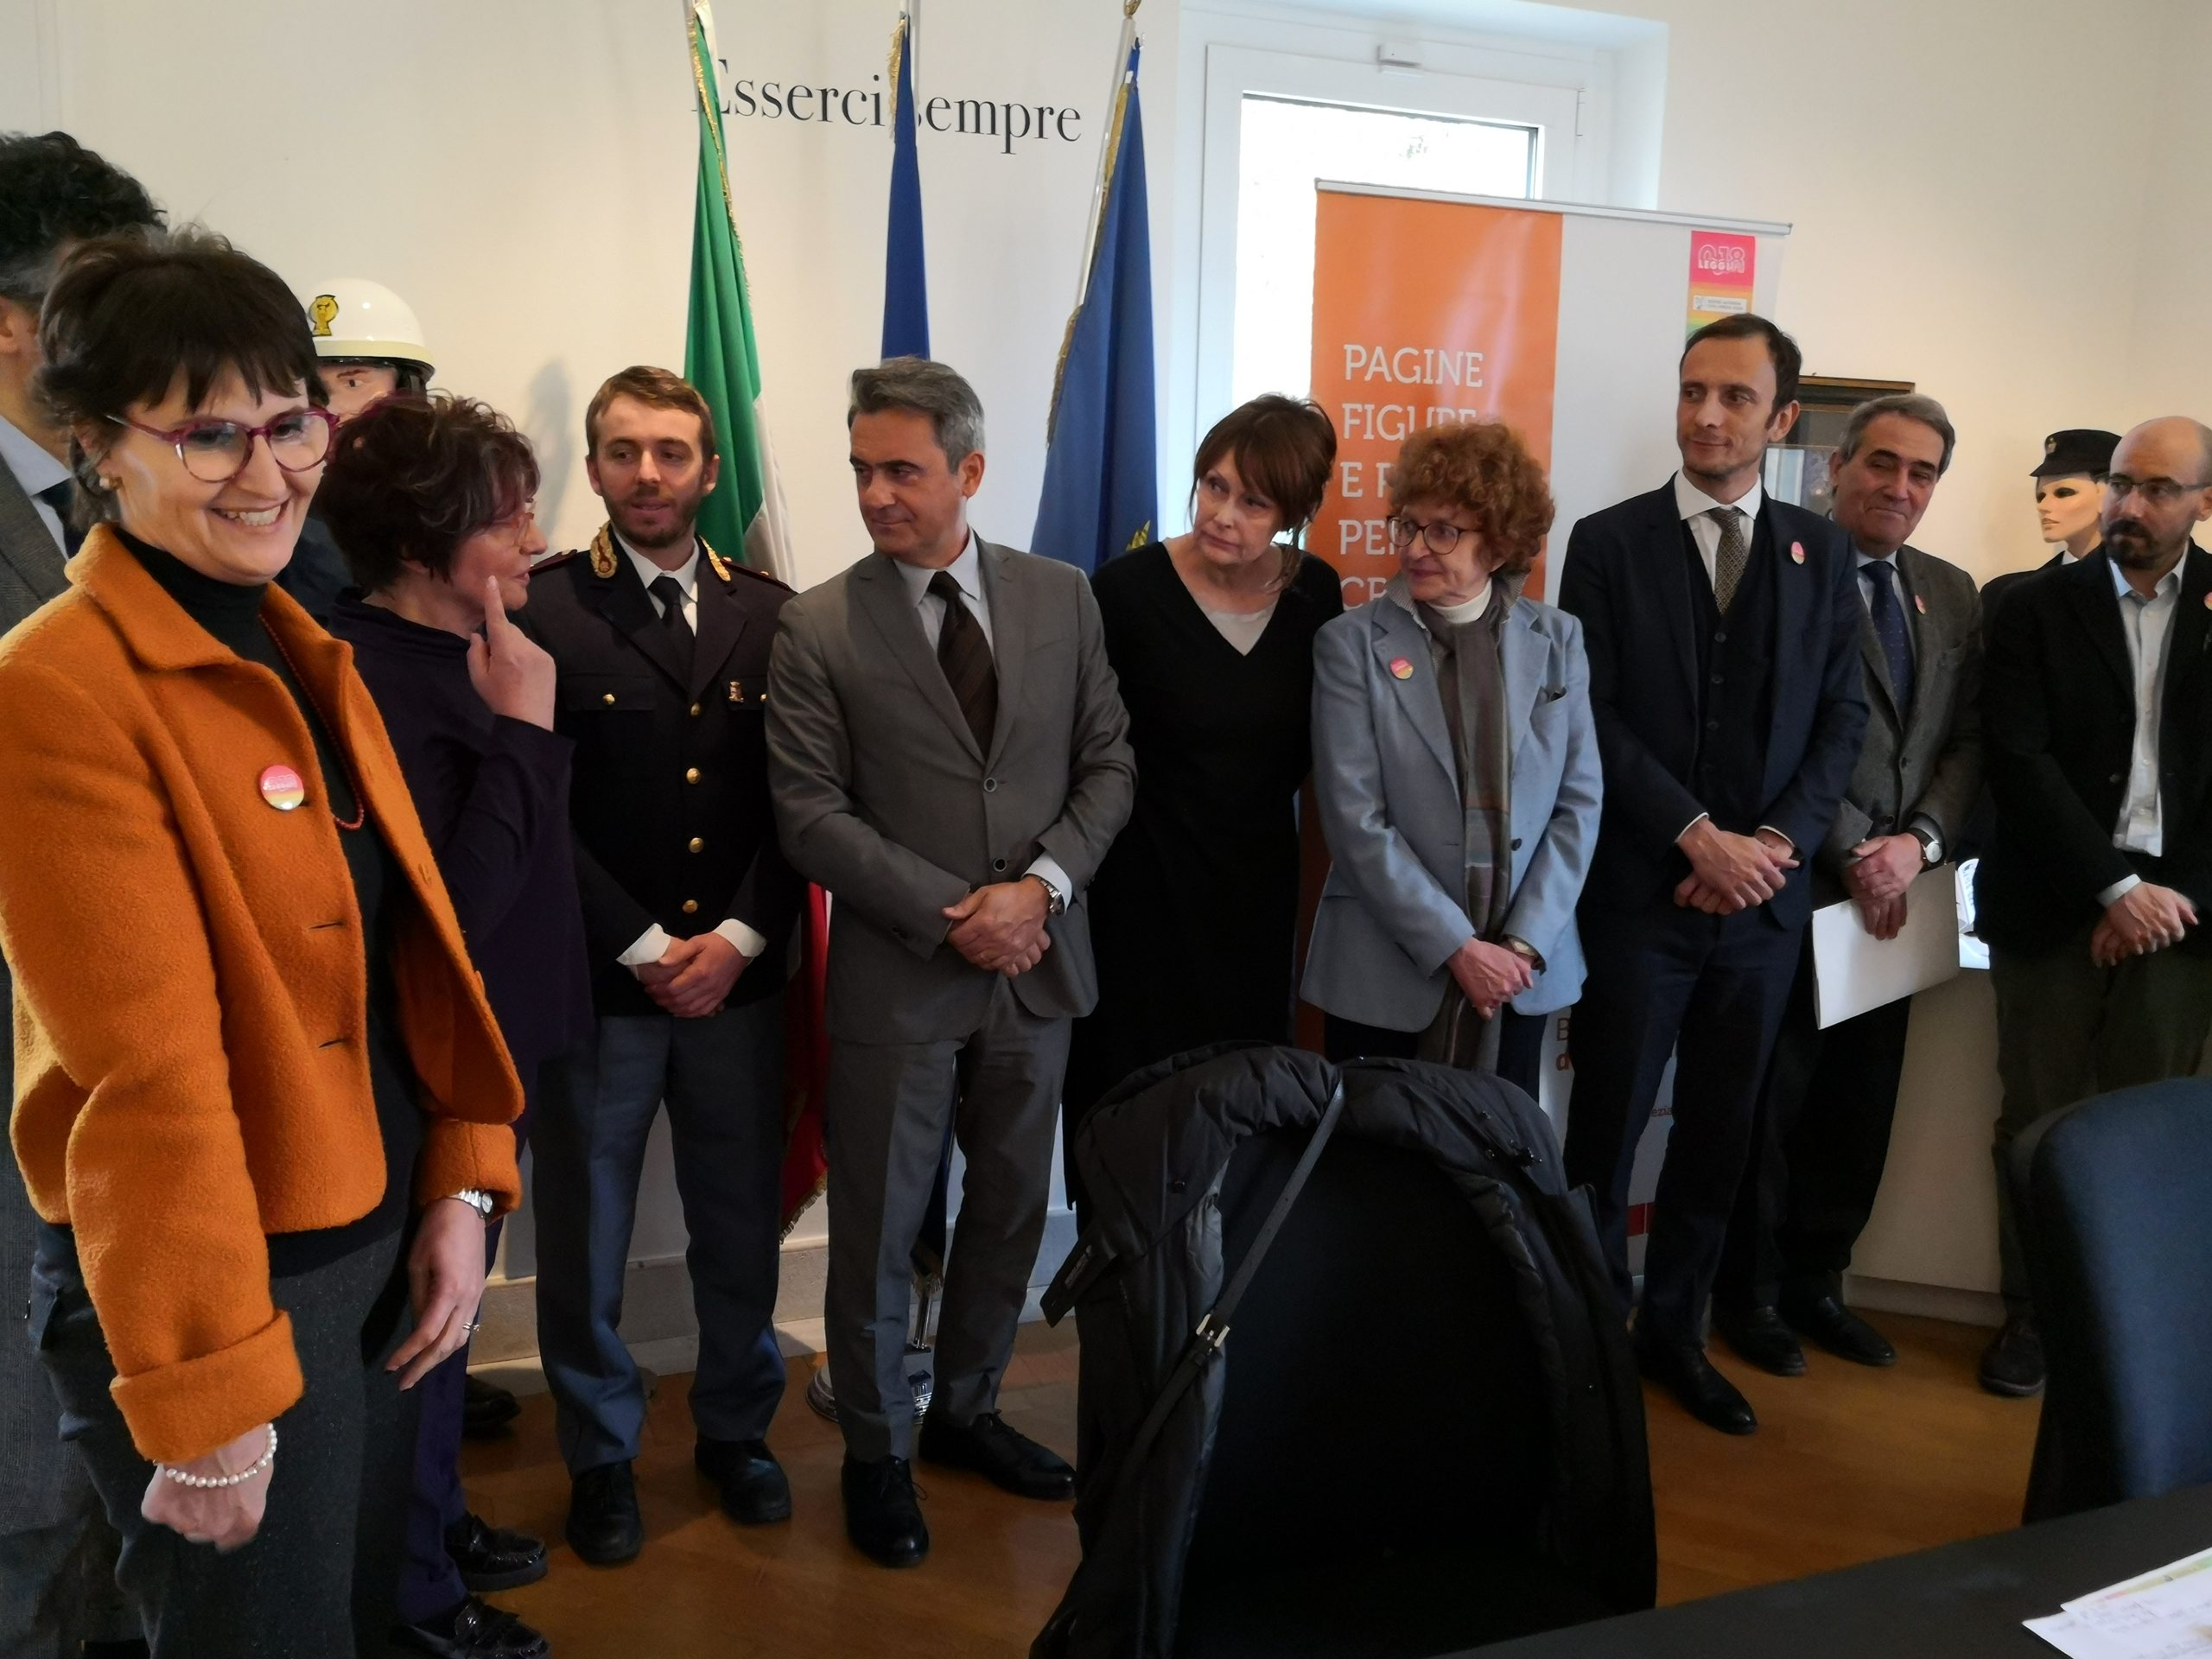 Biblioteca della legalità BILL sigla accordo con la Regione Friuli Venezia Giulia al Palazzo del Fumetto di Pordenone